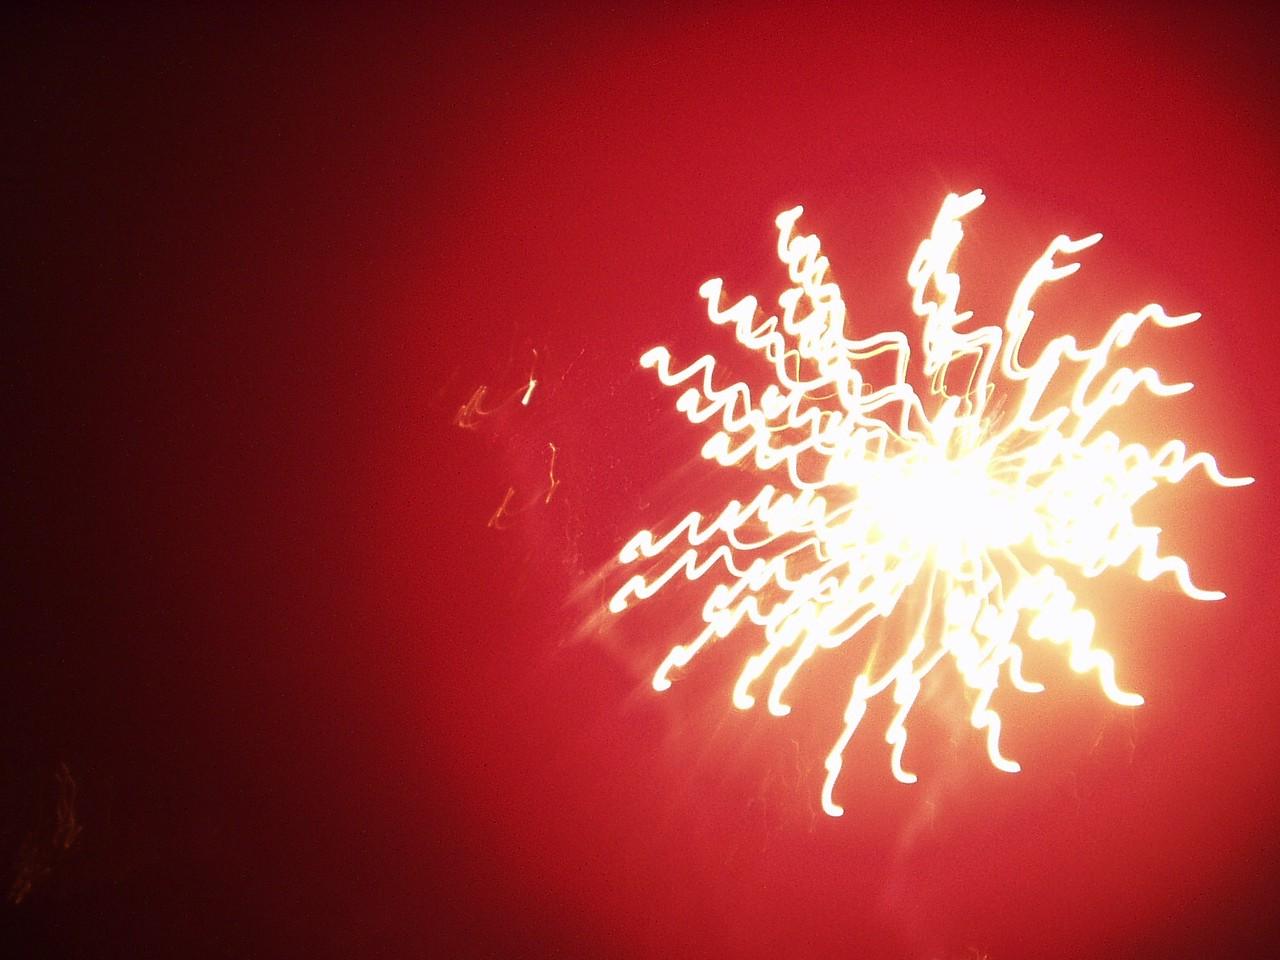 5 November: Fireworks